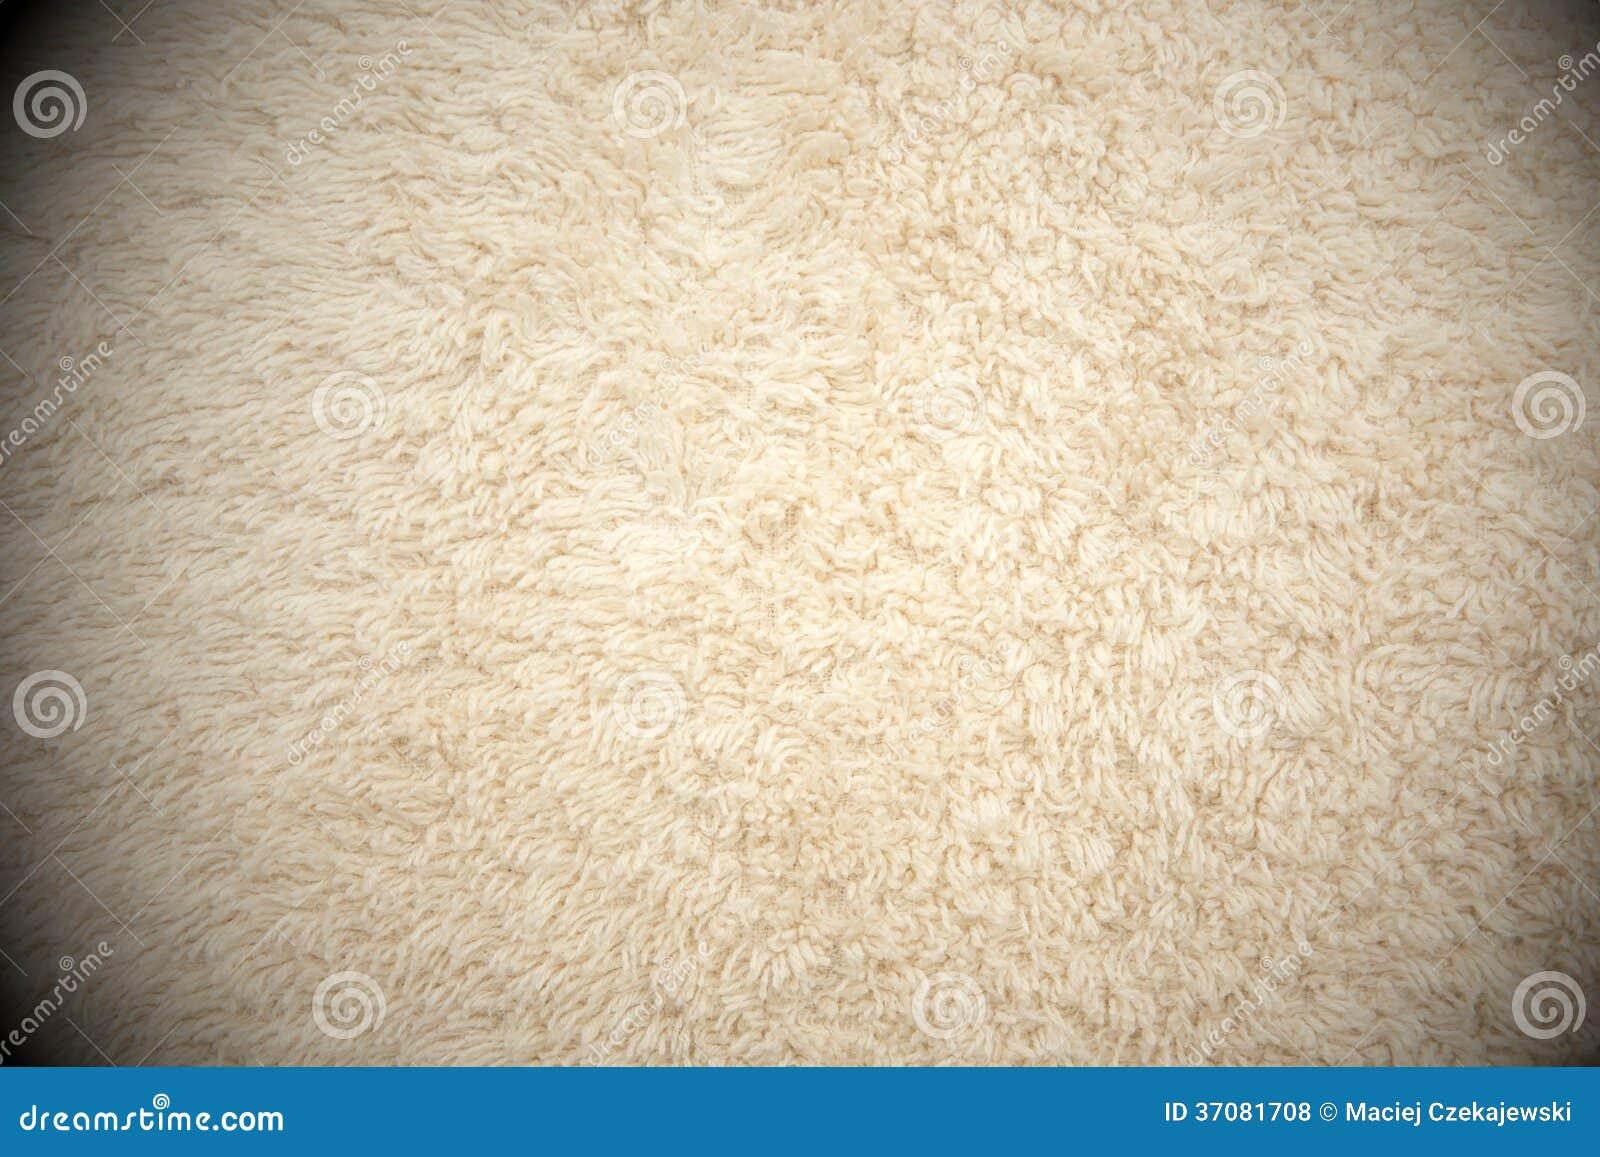 Download Biały Krótkiego Włosy Krana Tło Zdjęcie Stock - Obraz złożonej z czysty, macro: 37081708